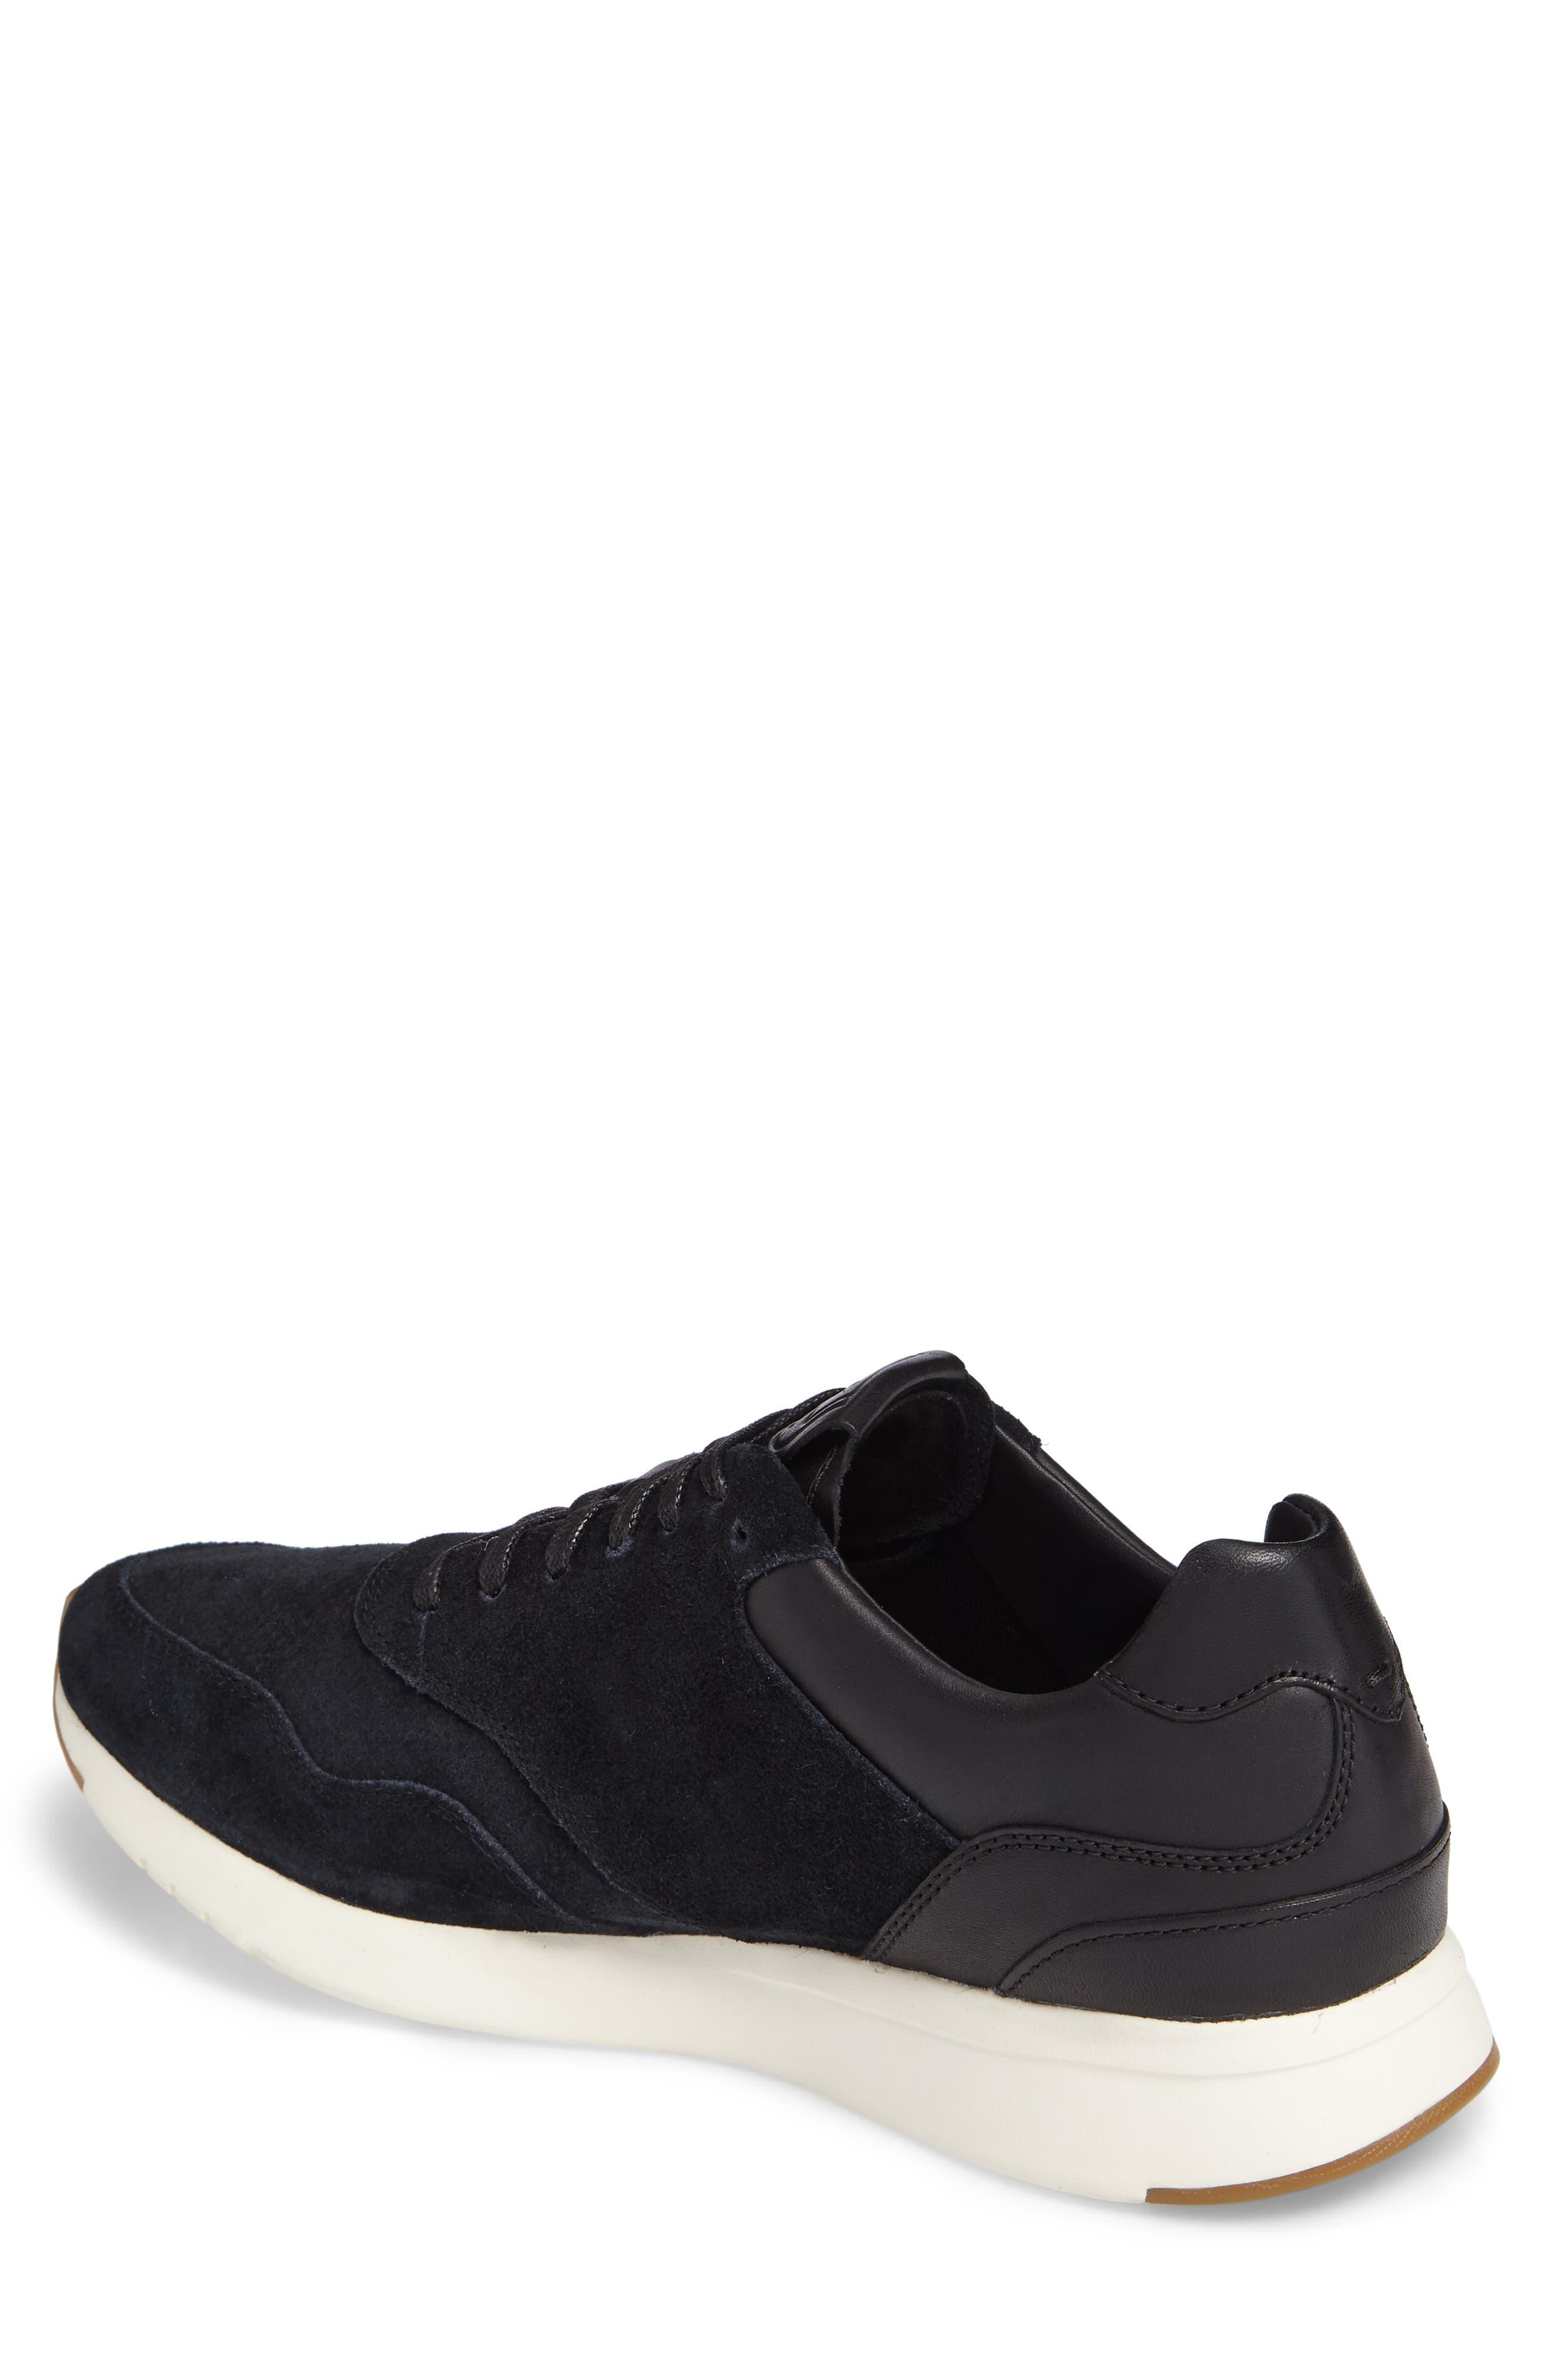 GrandPro Runner Sneaker,                             Alternate thumbnail 2, color,                             Black Leather